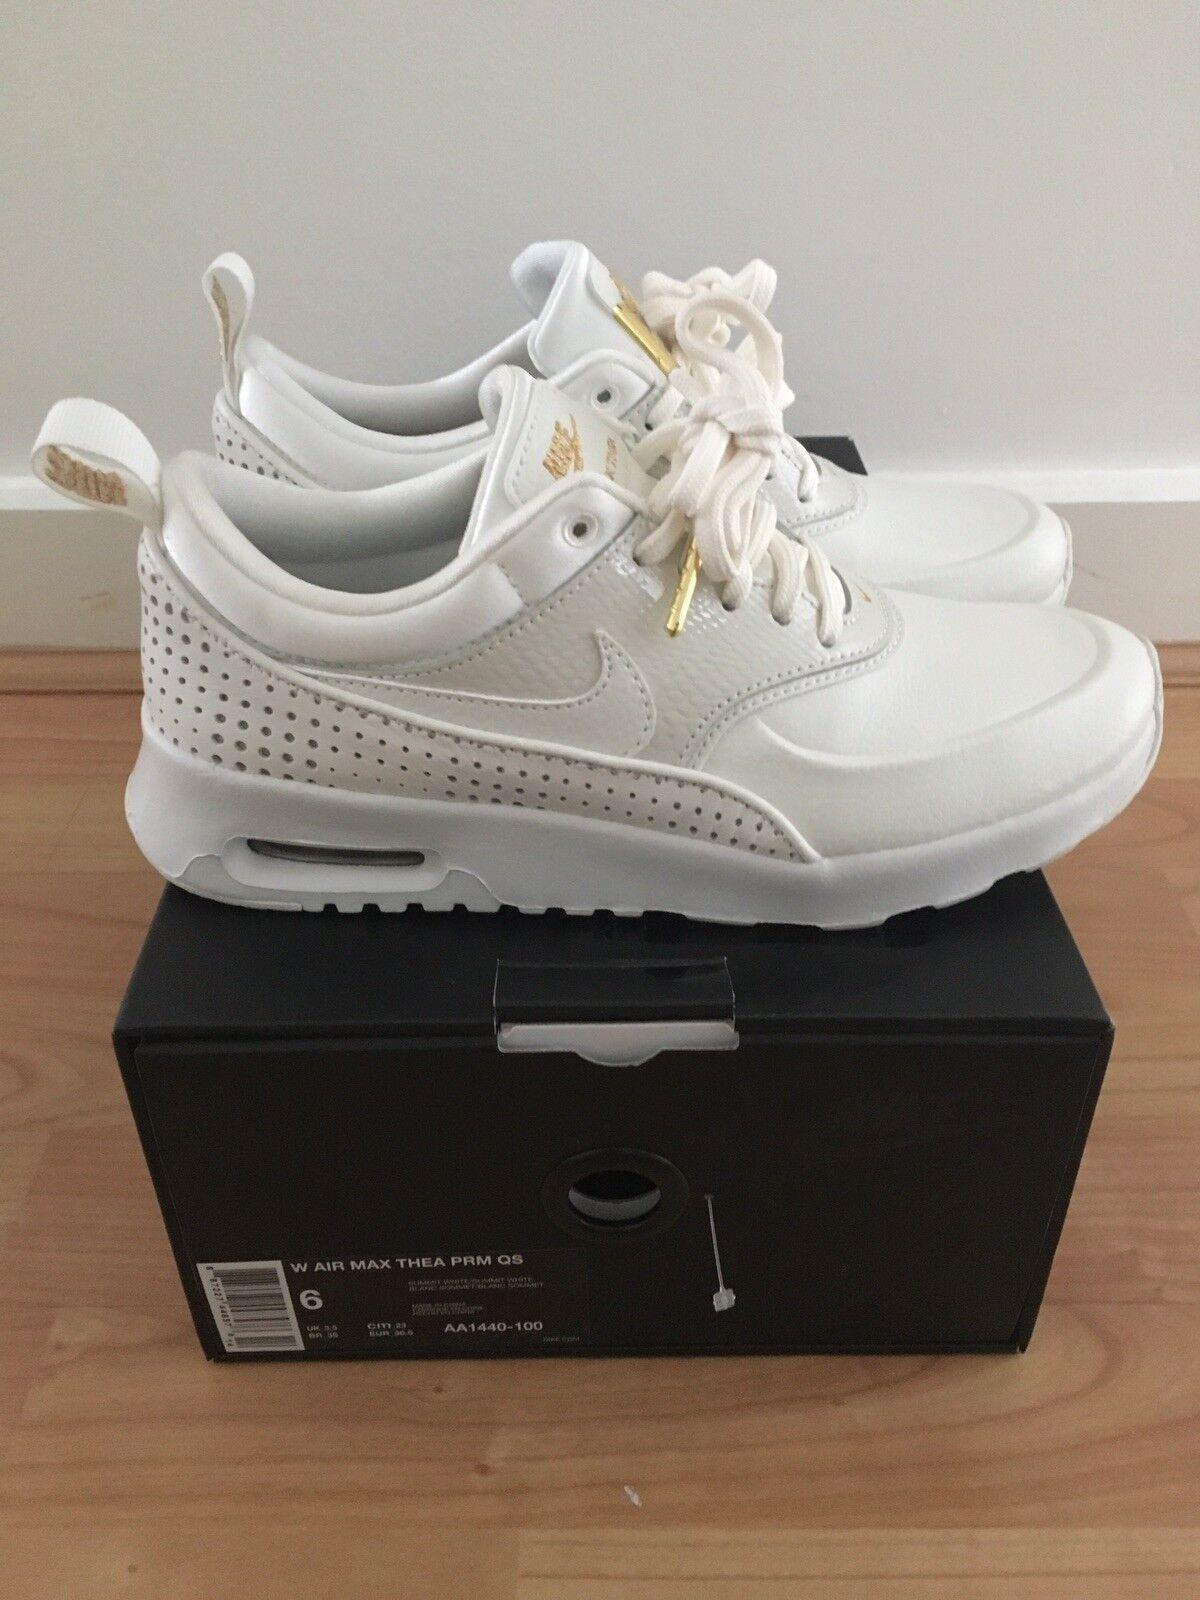 Womens Nike Air Max Thea Prem Qs